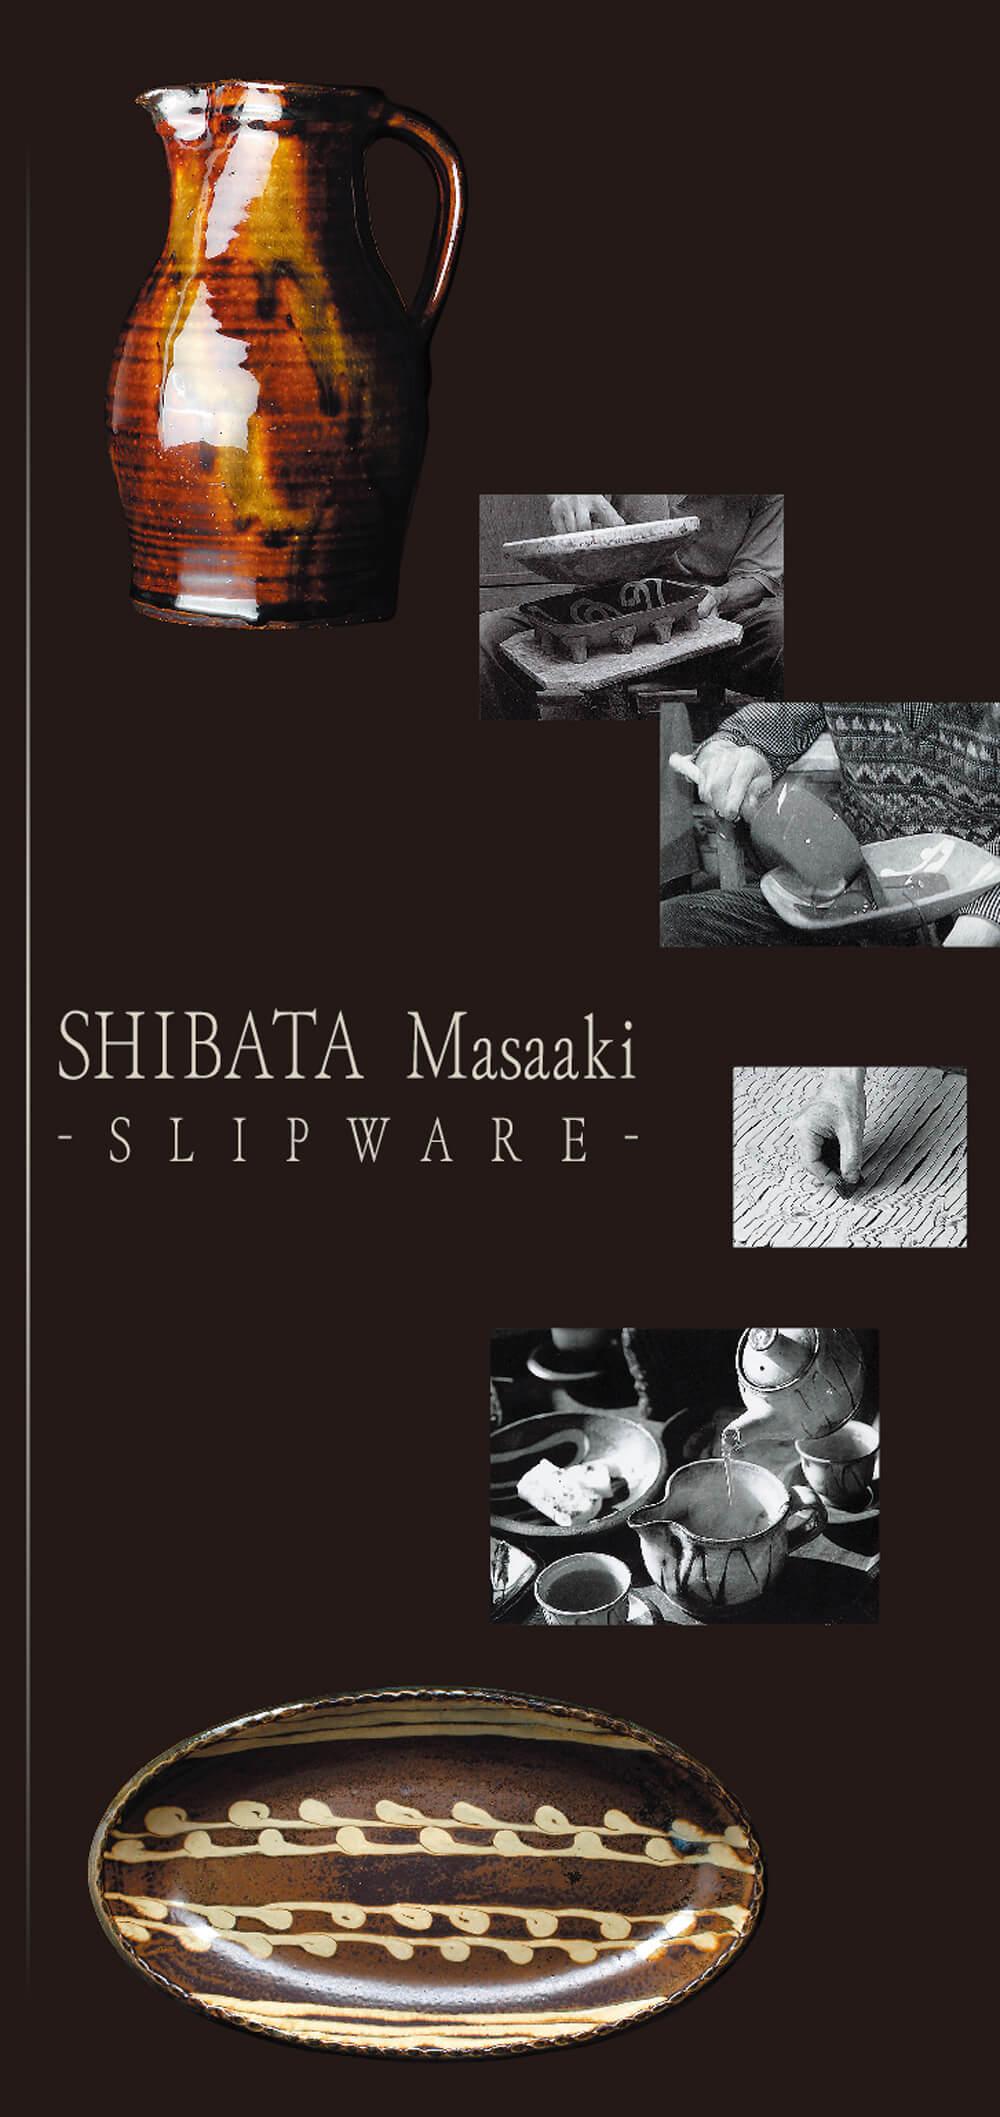 2006年7月6日から開催の「柴田 雅章 スリップウェア展」のDM画像